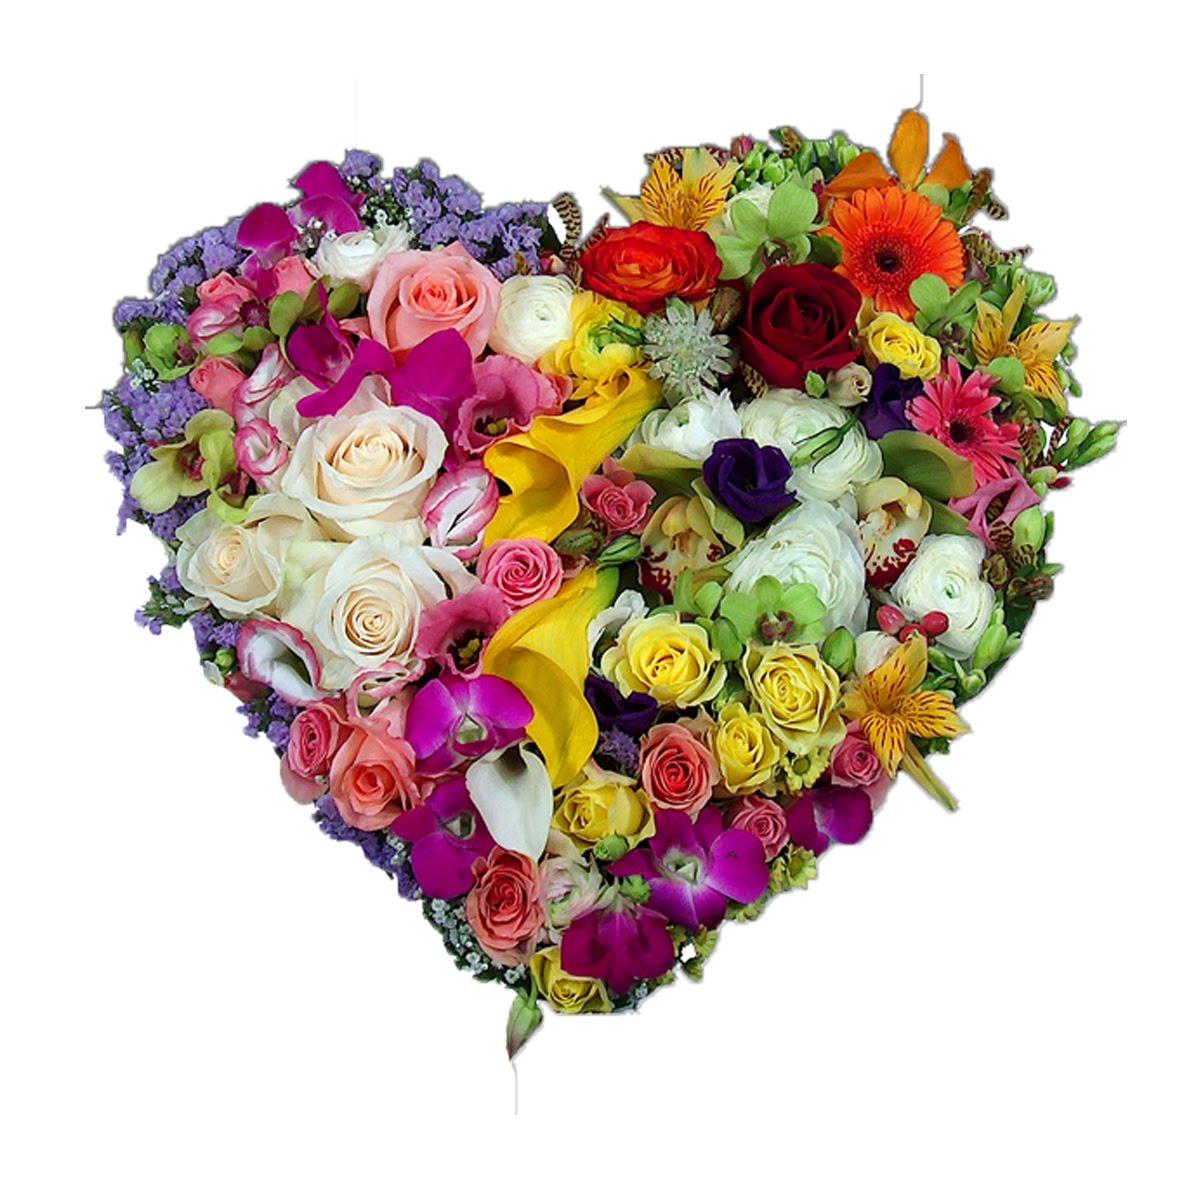 Imagenes Gratis De Rosas Y Corazones - Imagenes de corazones tiernos para descargar Amor